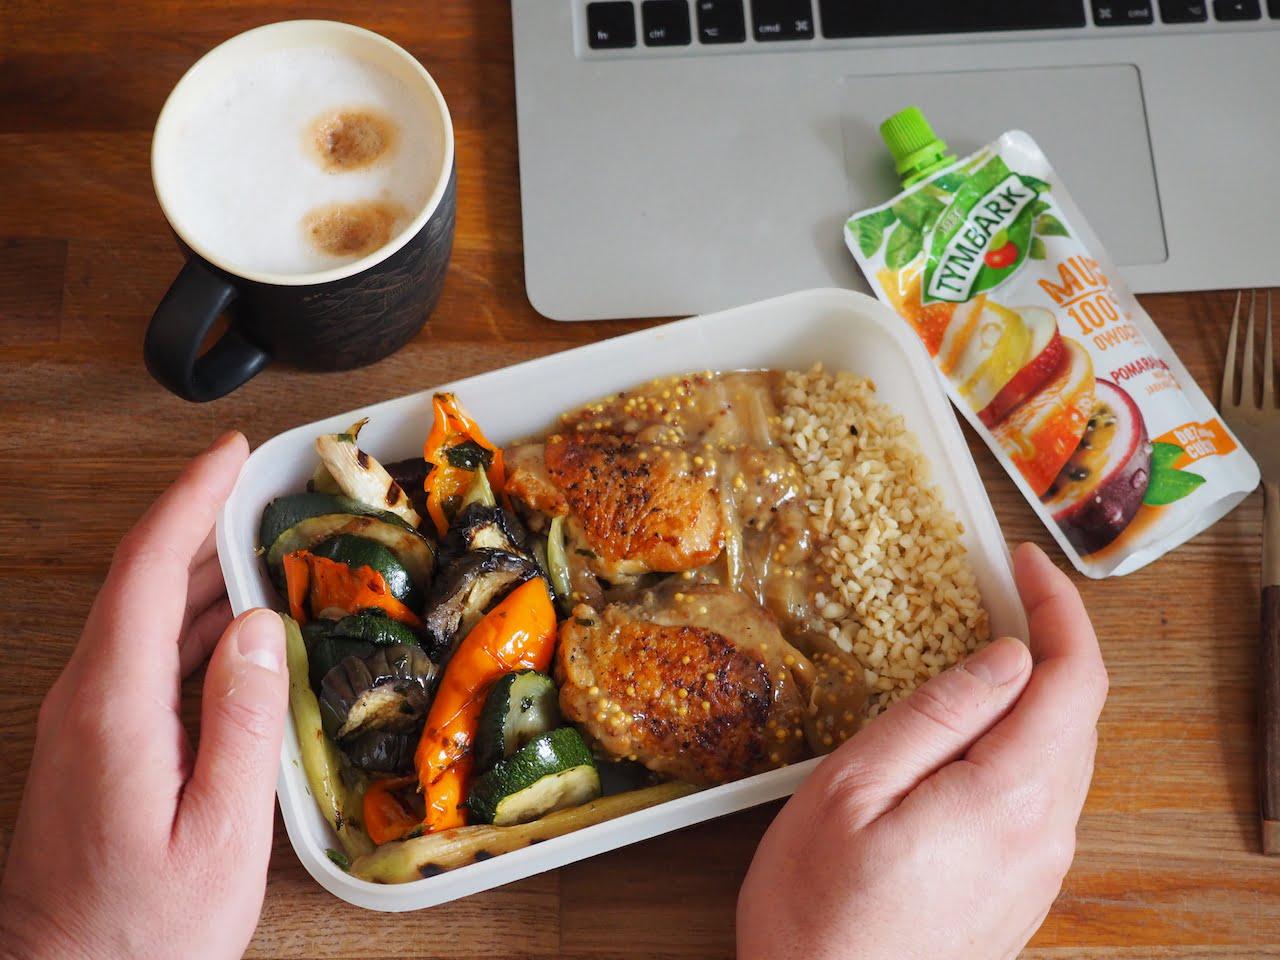 Pomysły na obiad do pracy